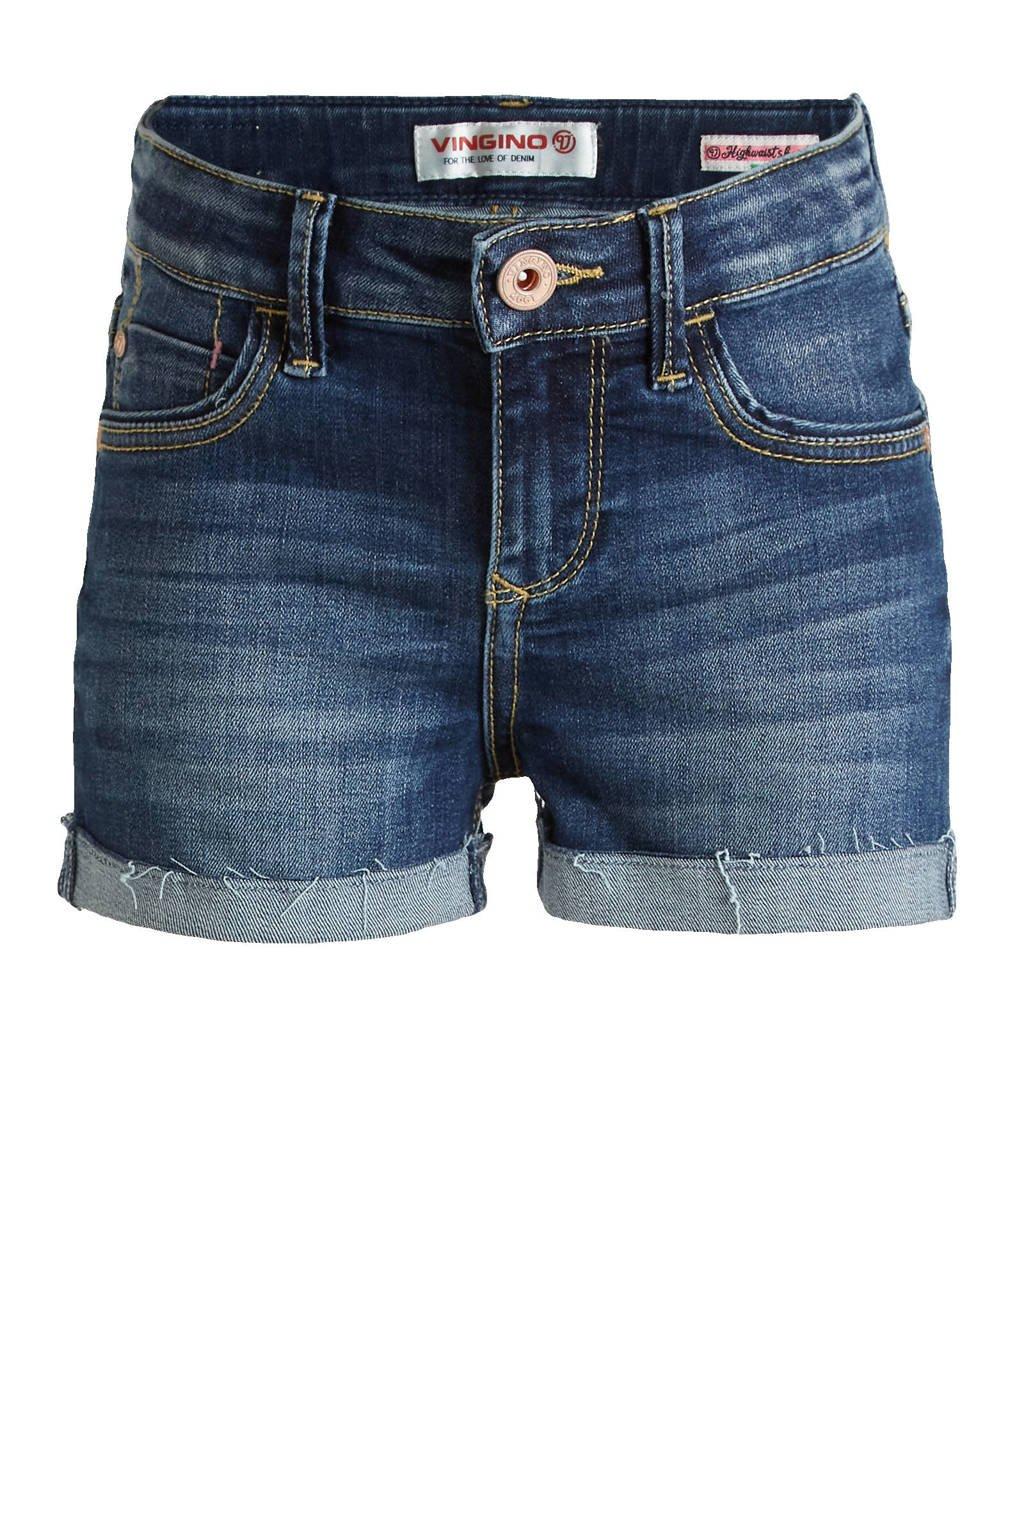 Vingino high waist slim fit jeans short Diona blue vintage